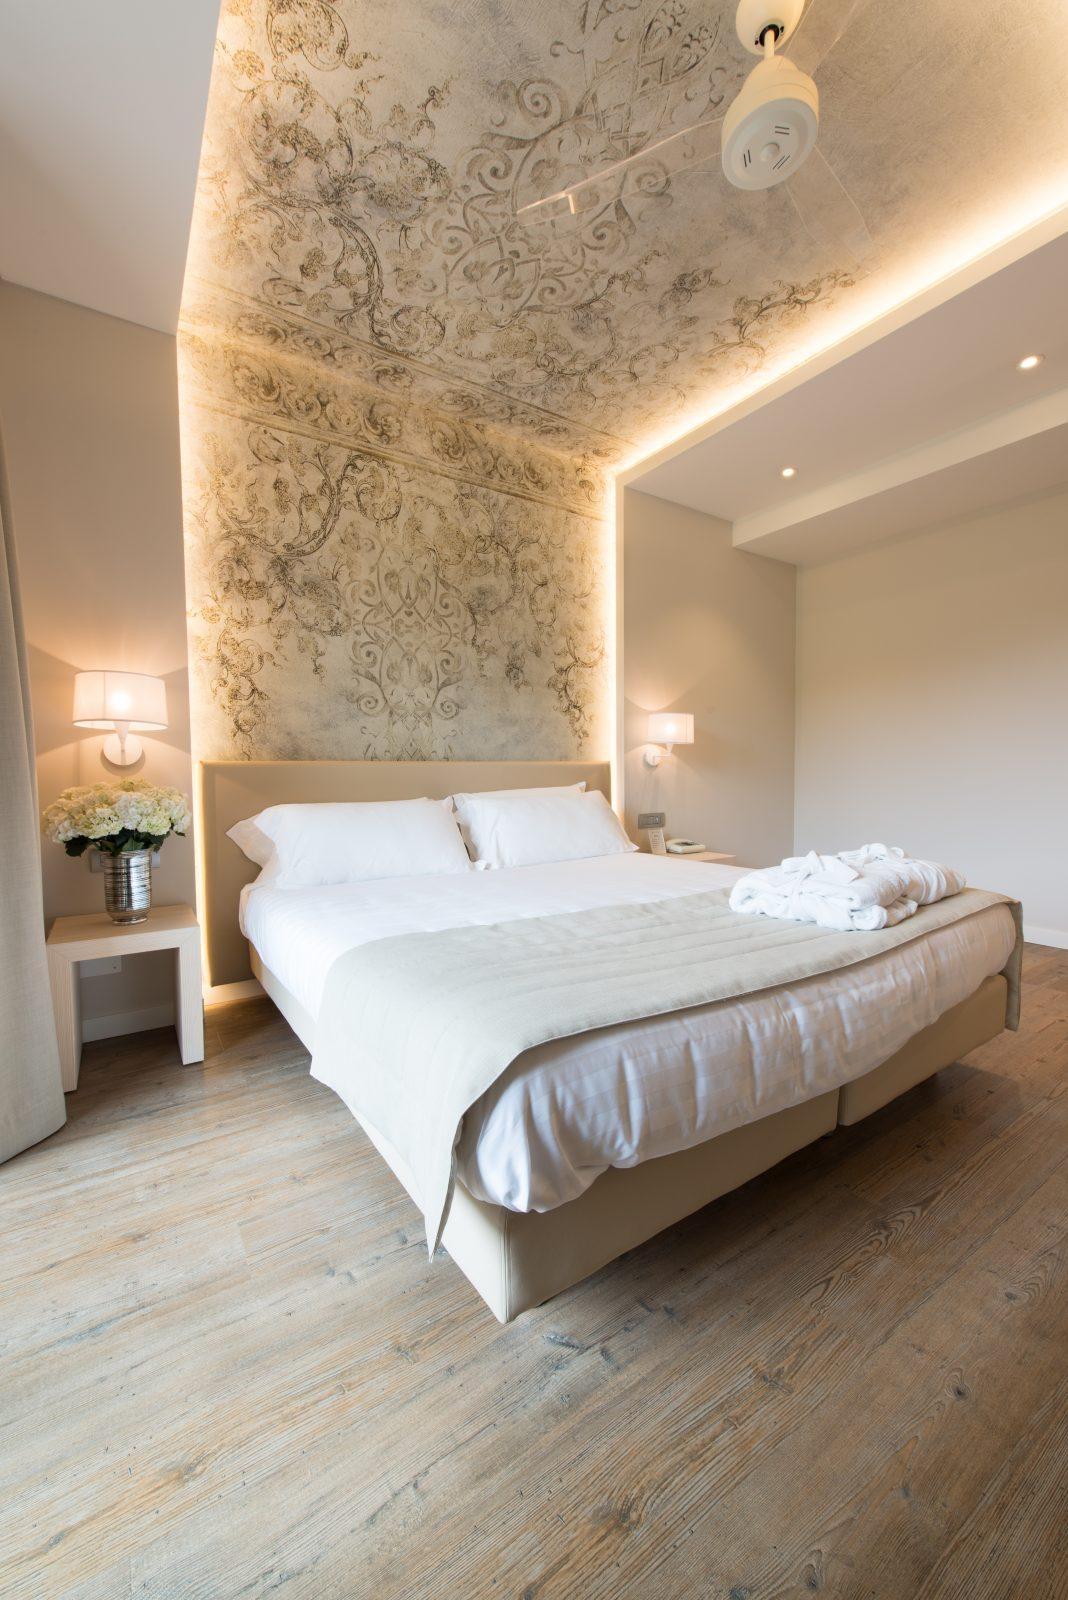 Hotel con idromassaggio in camera hotel spa miramonti for Camere da letto hotel moderni